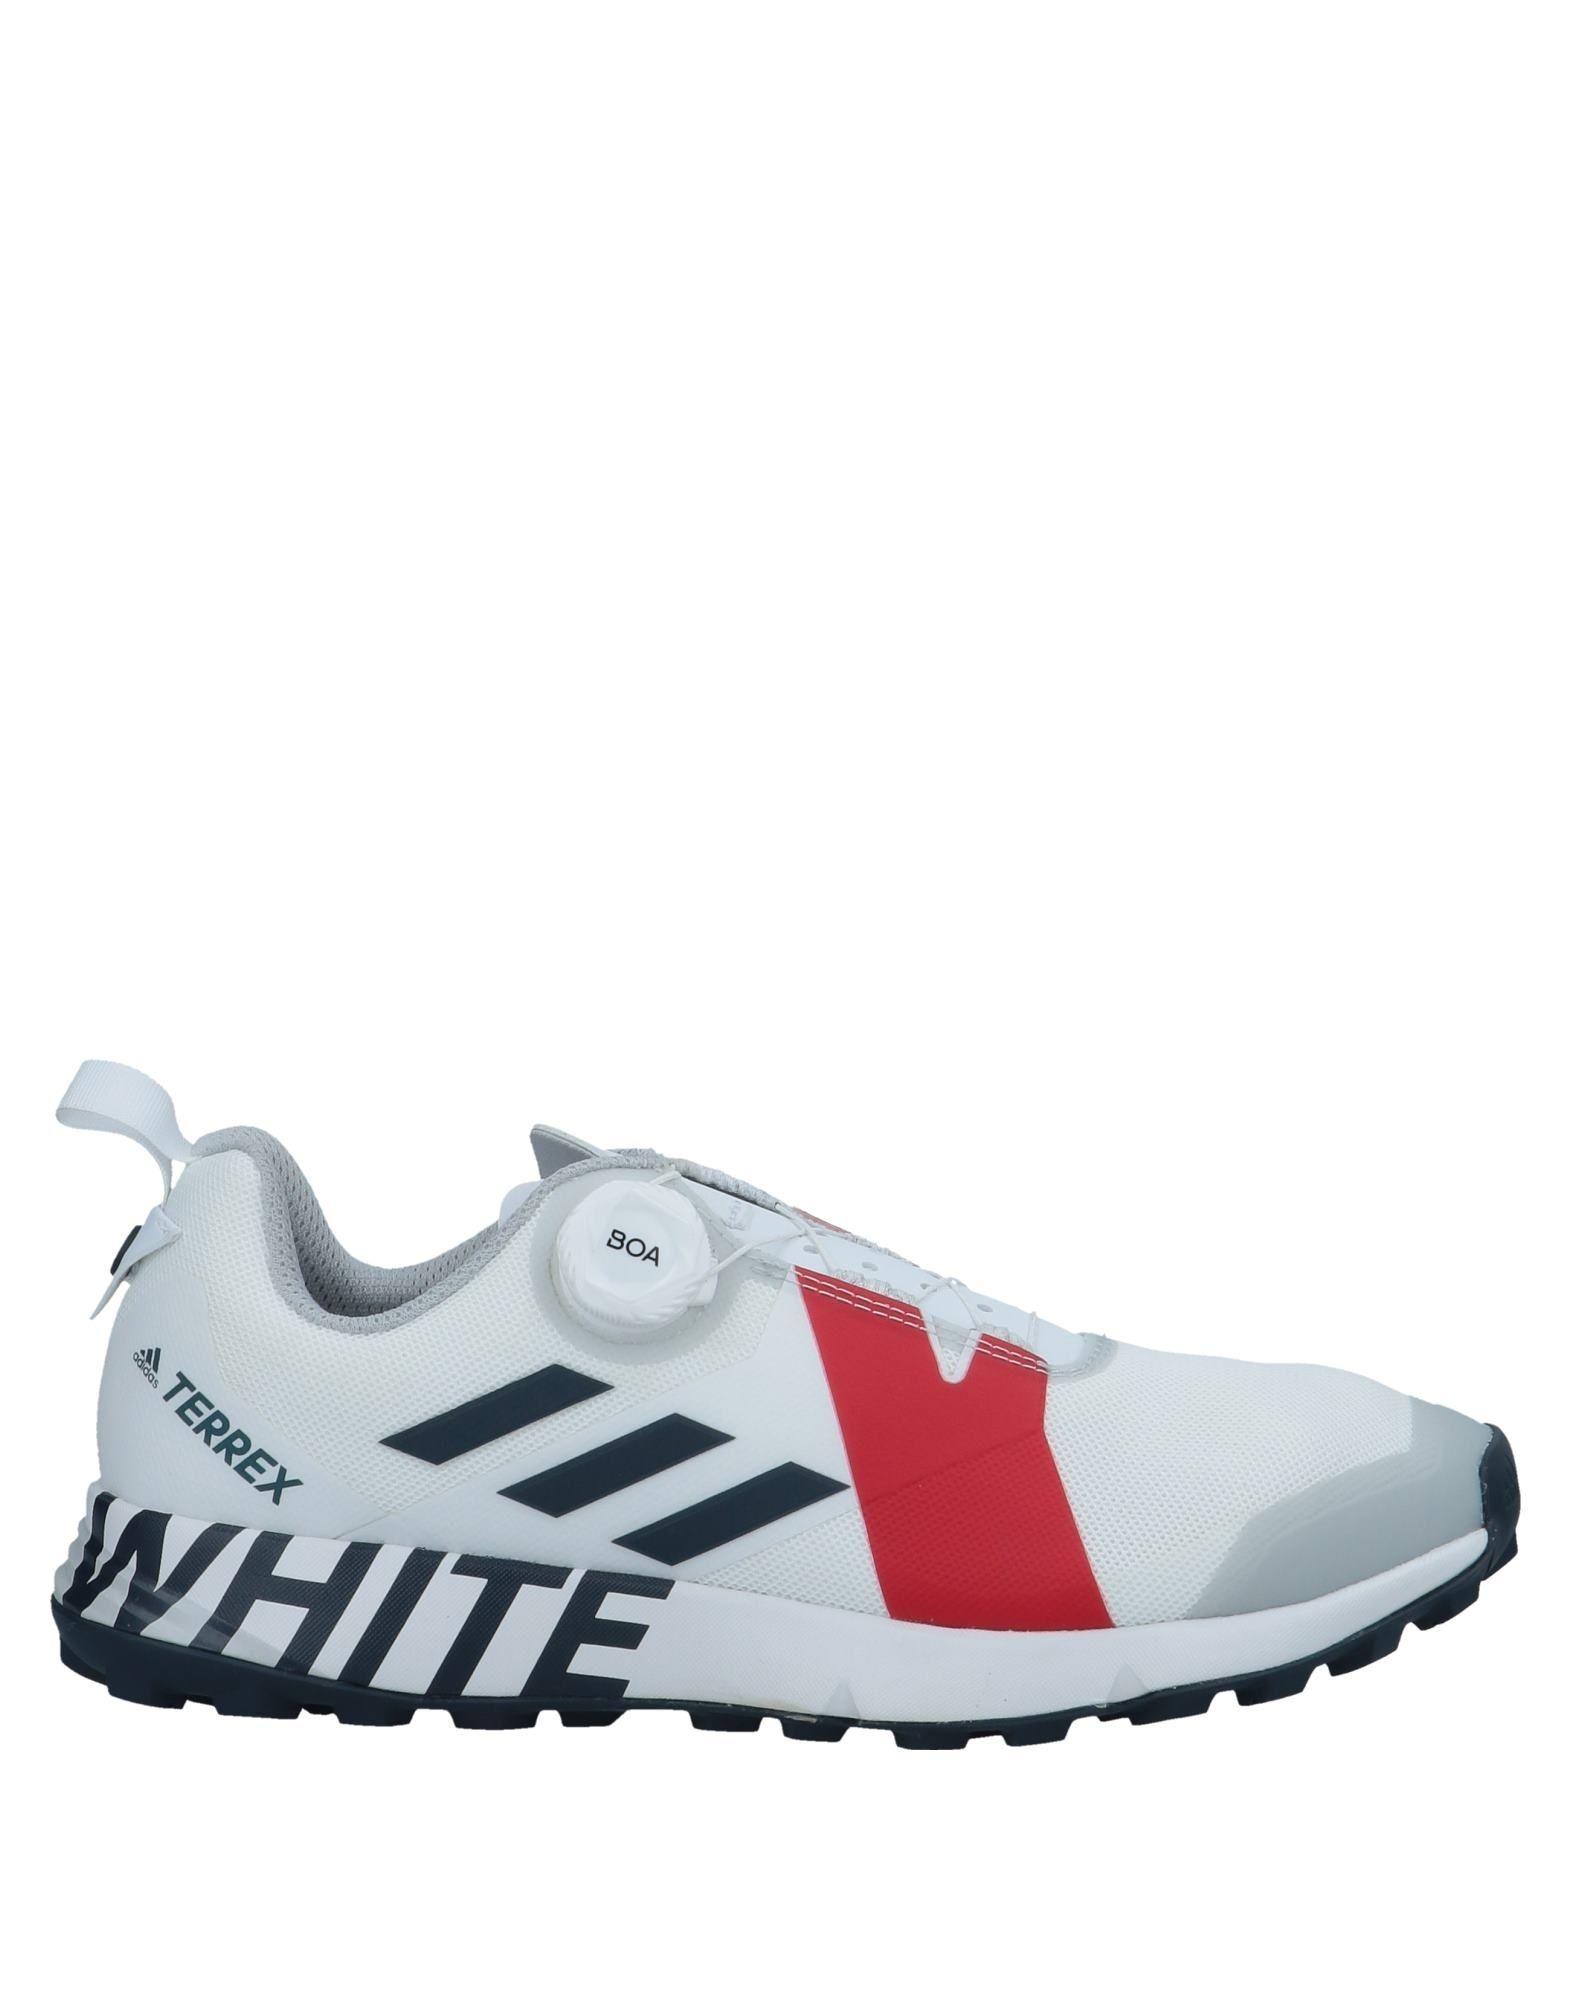 Zapatillas Zapatillas Adidas Originals By White Mountaineering Hombre - Zapatillas Zapatillas Adidas Originals By White Mountaineering  Blanco fee5c4